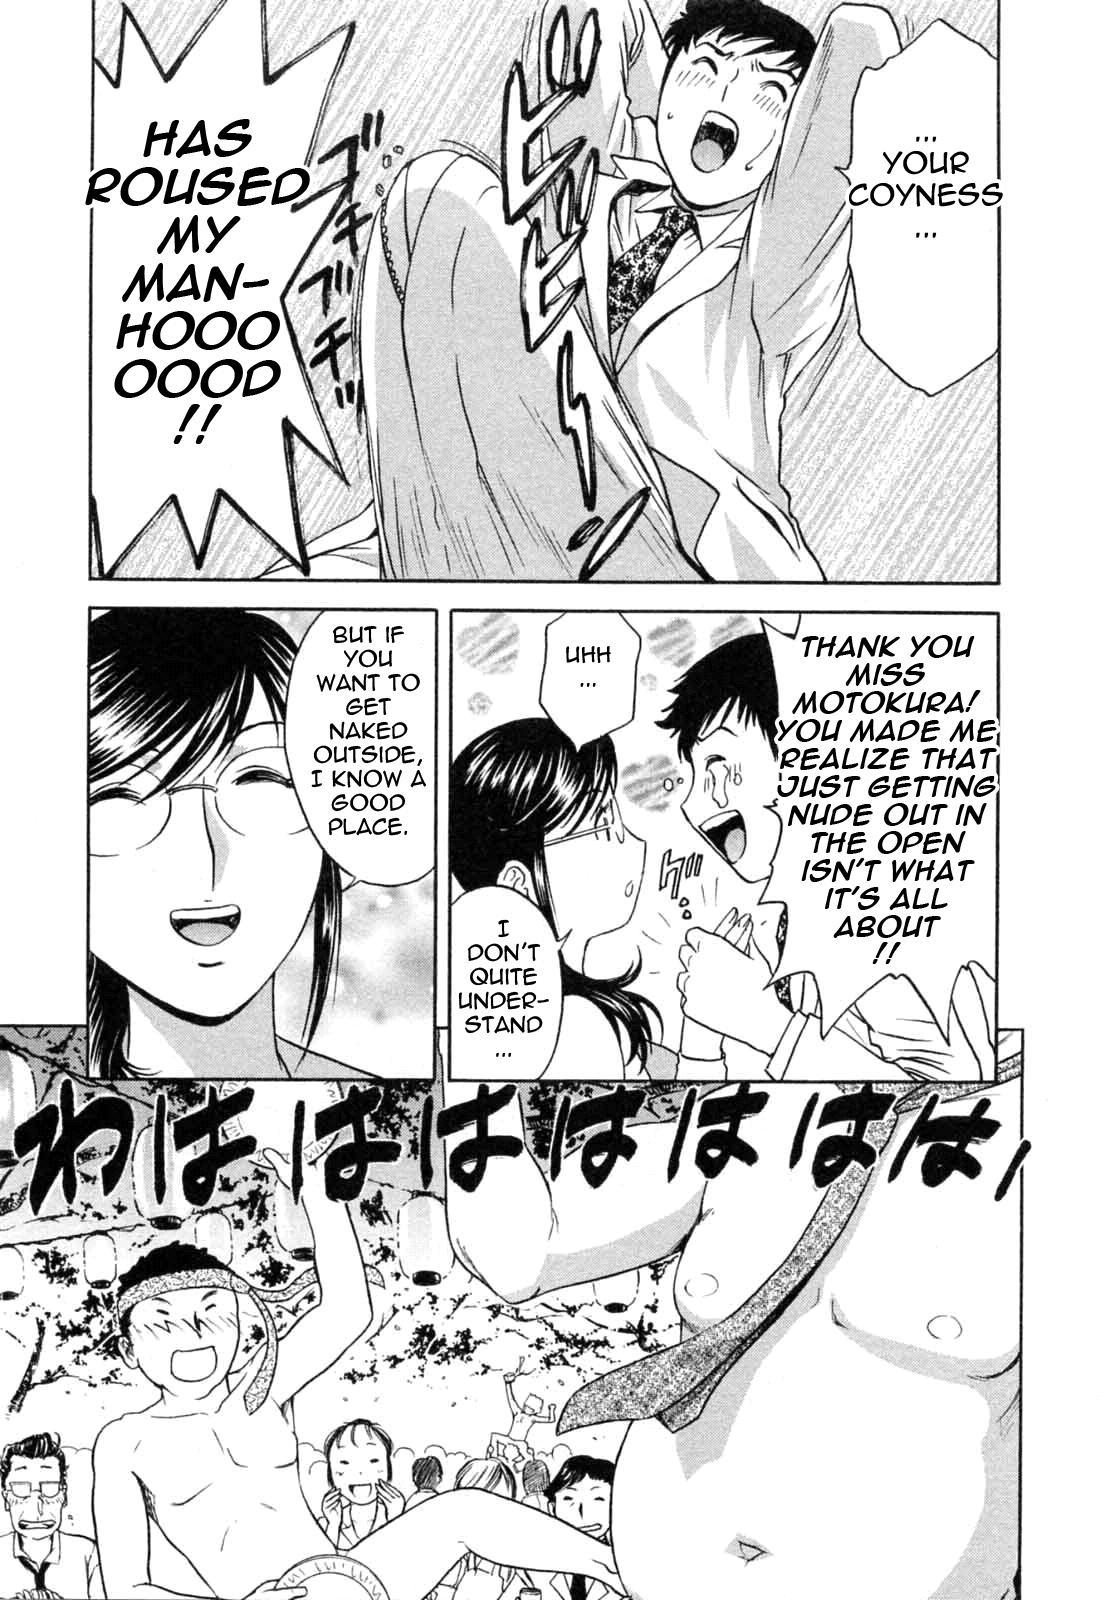 [Hidemaru] Mo-Retsu! Boin Sensei (Boing Boing Teacher) Vol.5 [English] [4dawgz] [Tadanohito] 56